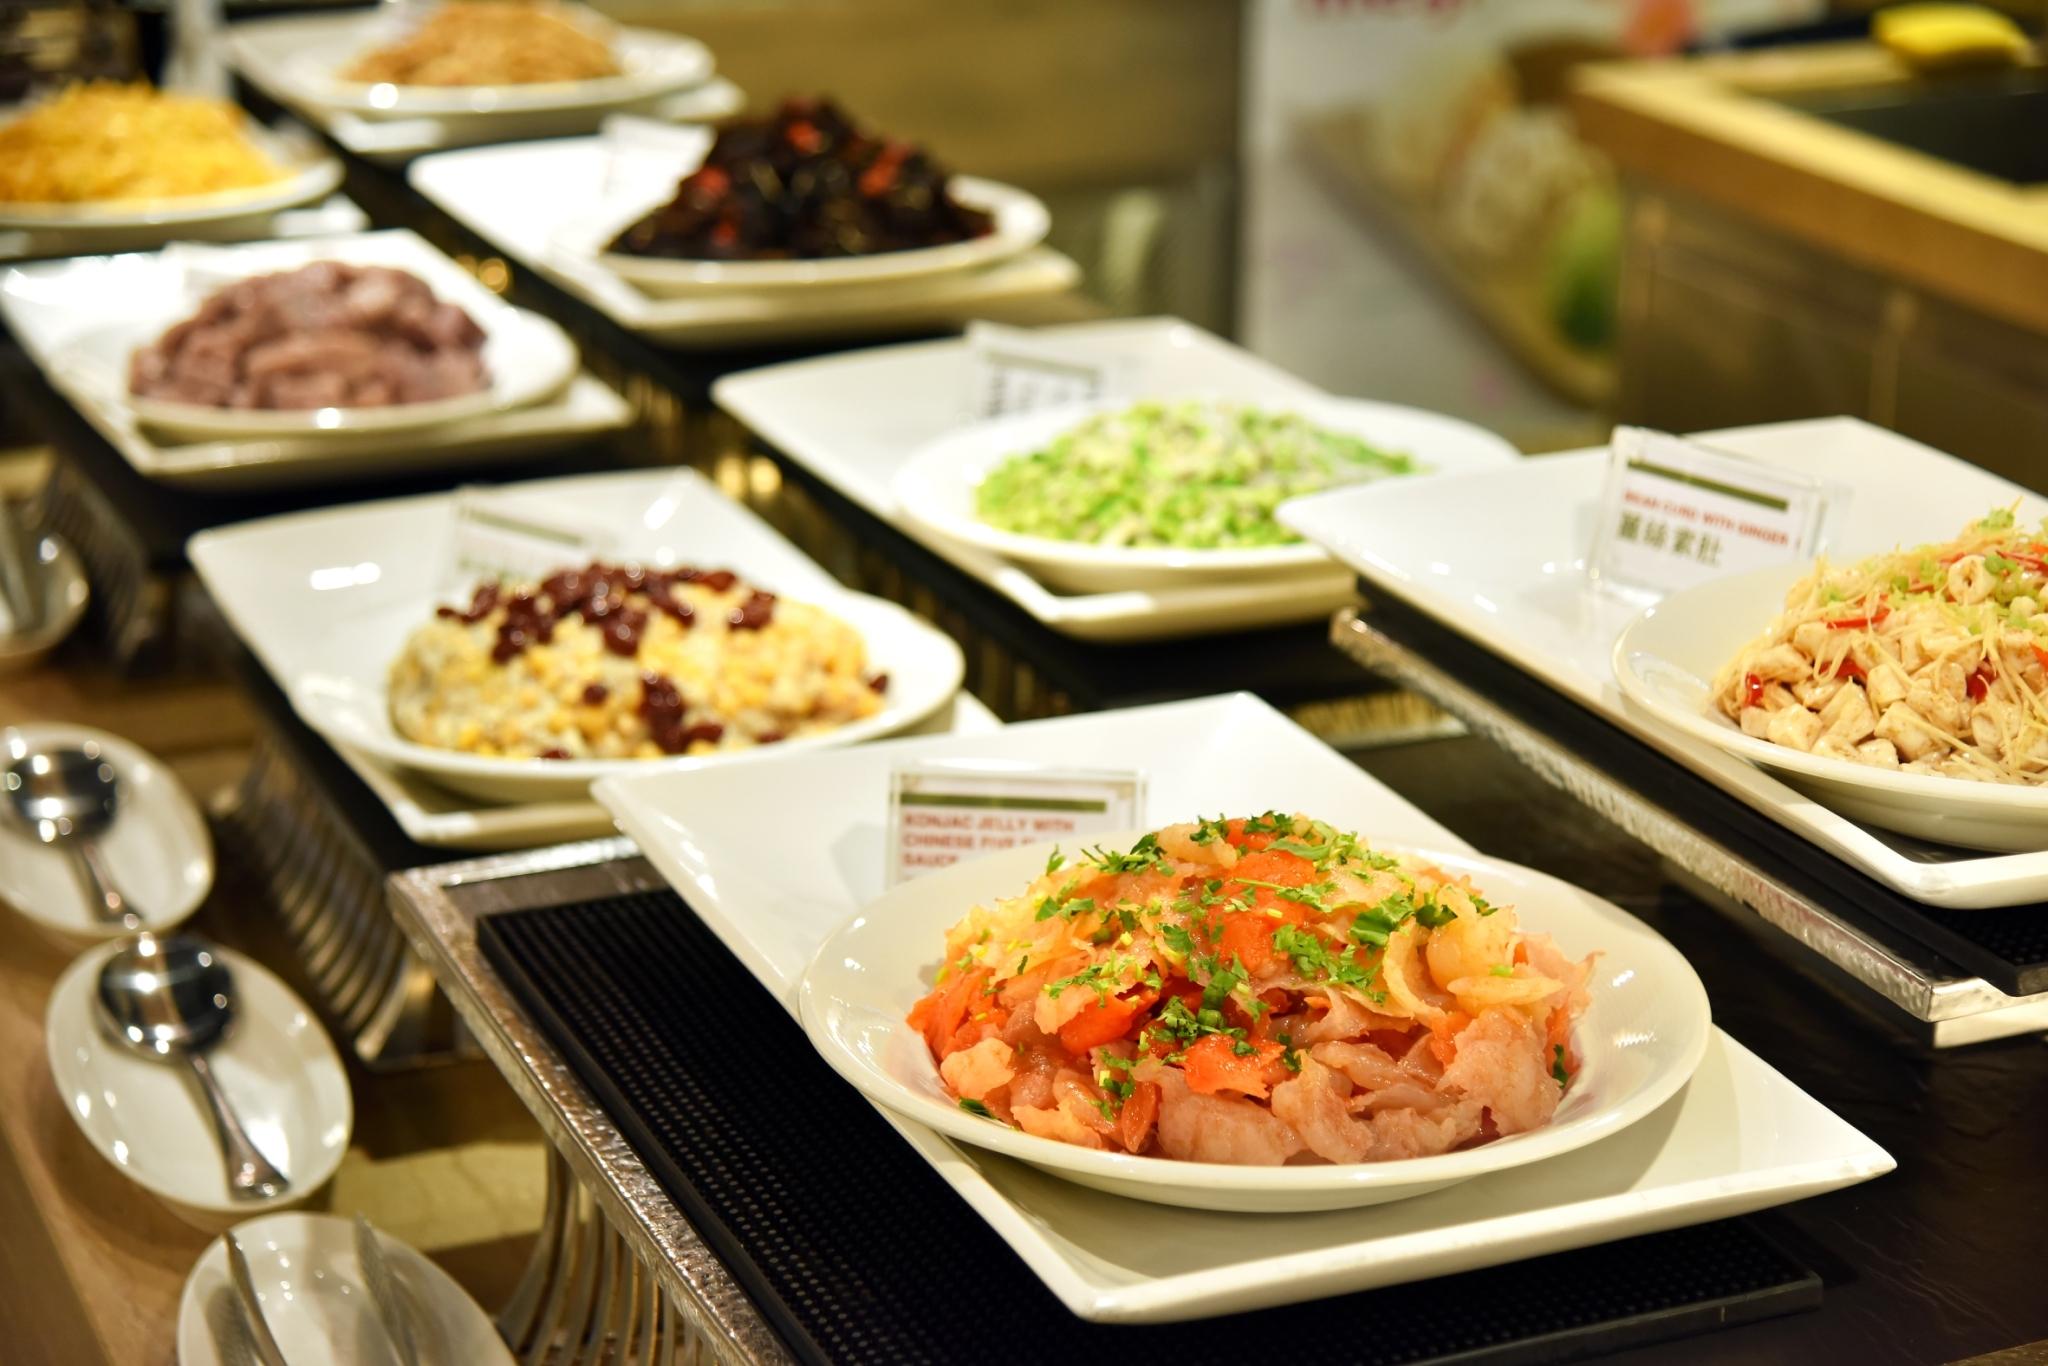 百種以上的珍饈任您挑選 - 每個餐期均提供百種以上的珍饈,自助餐台的設計以一區一特色為主調。